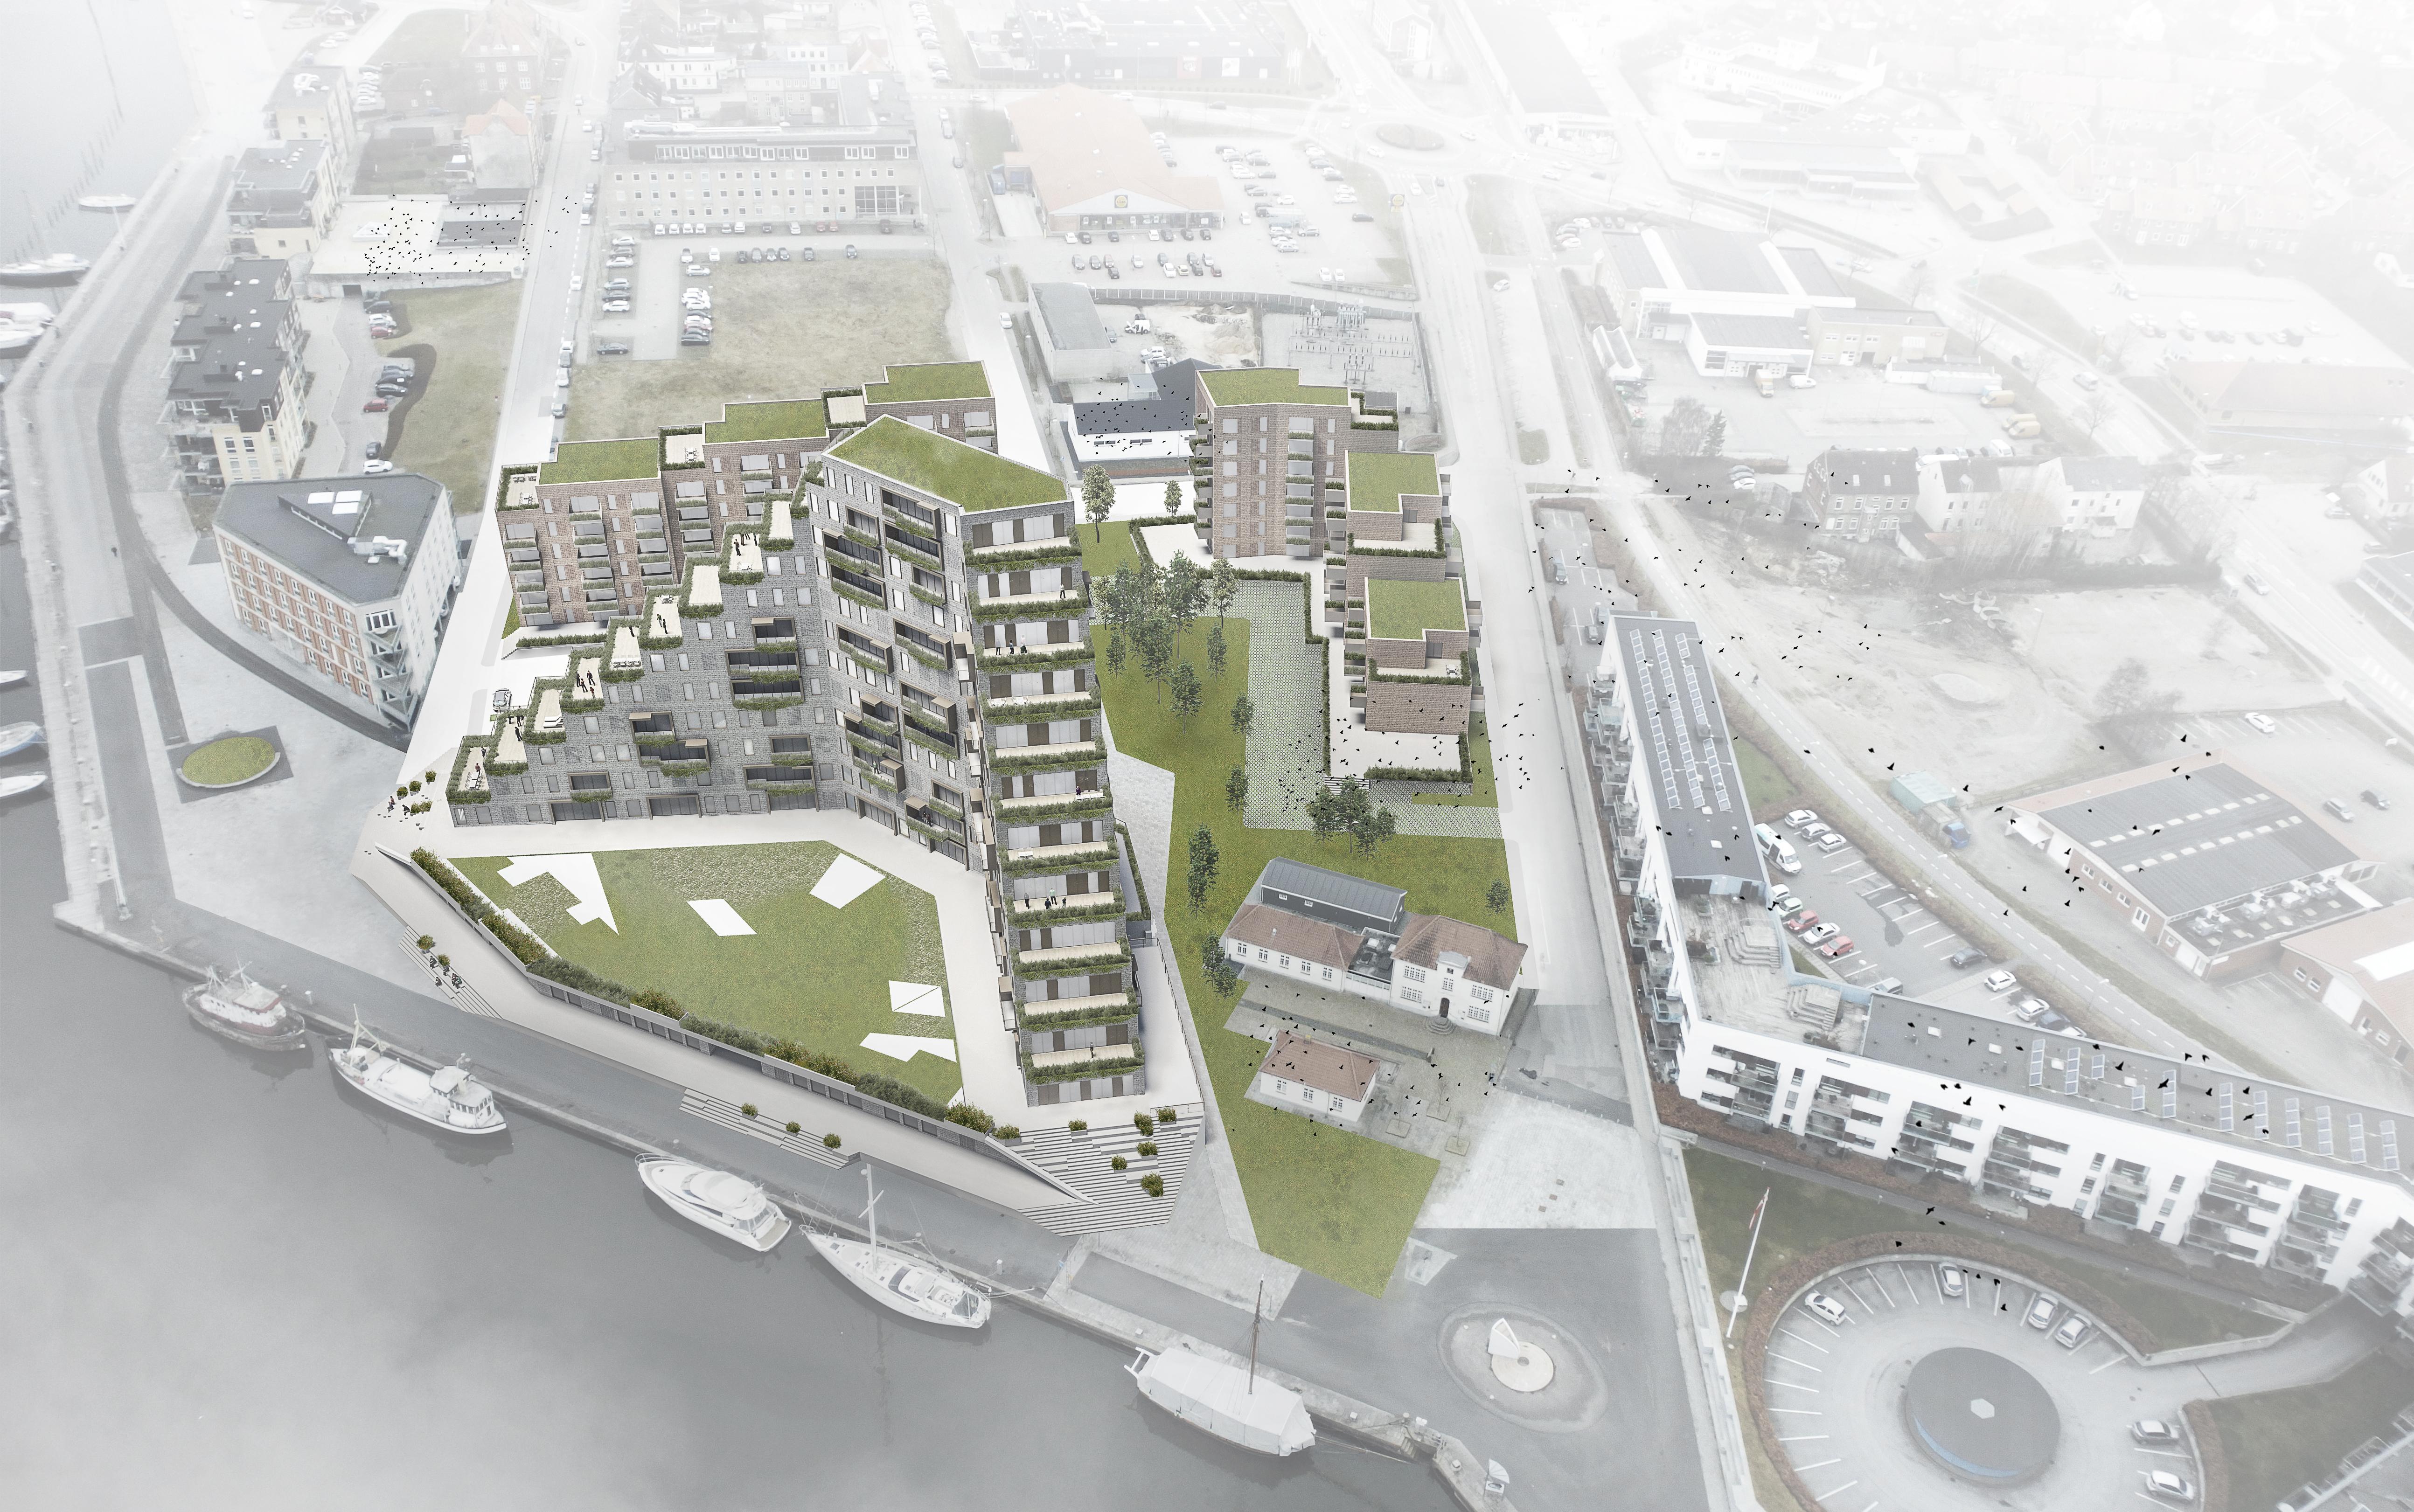 6dc4a94d687f release - Haderslev Kommune